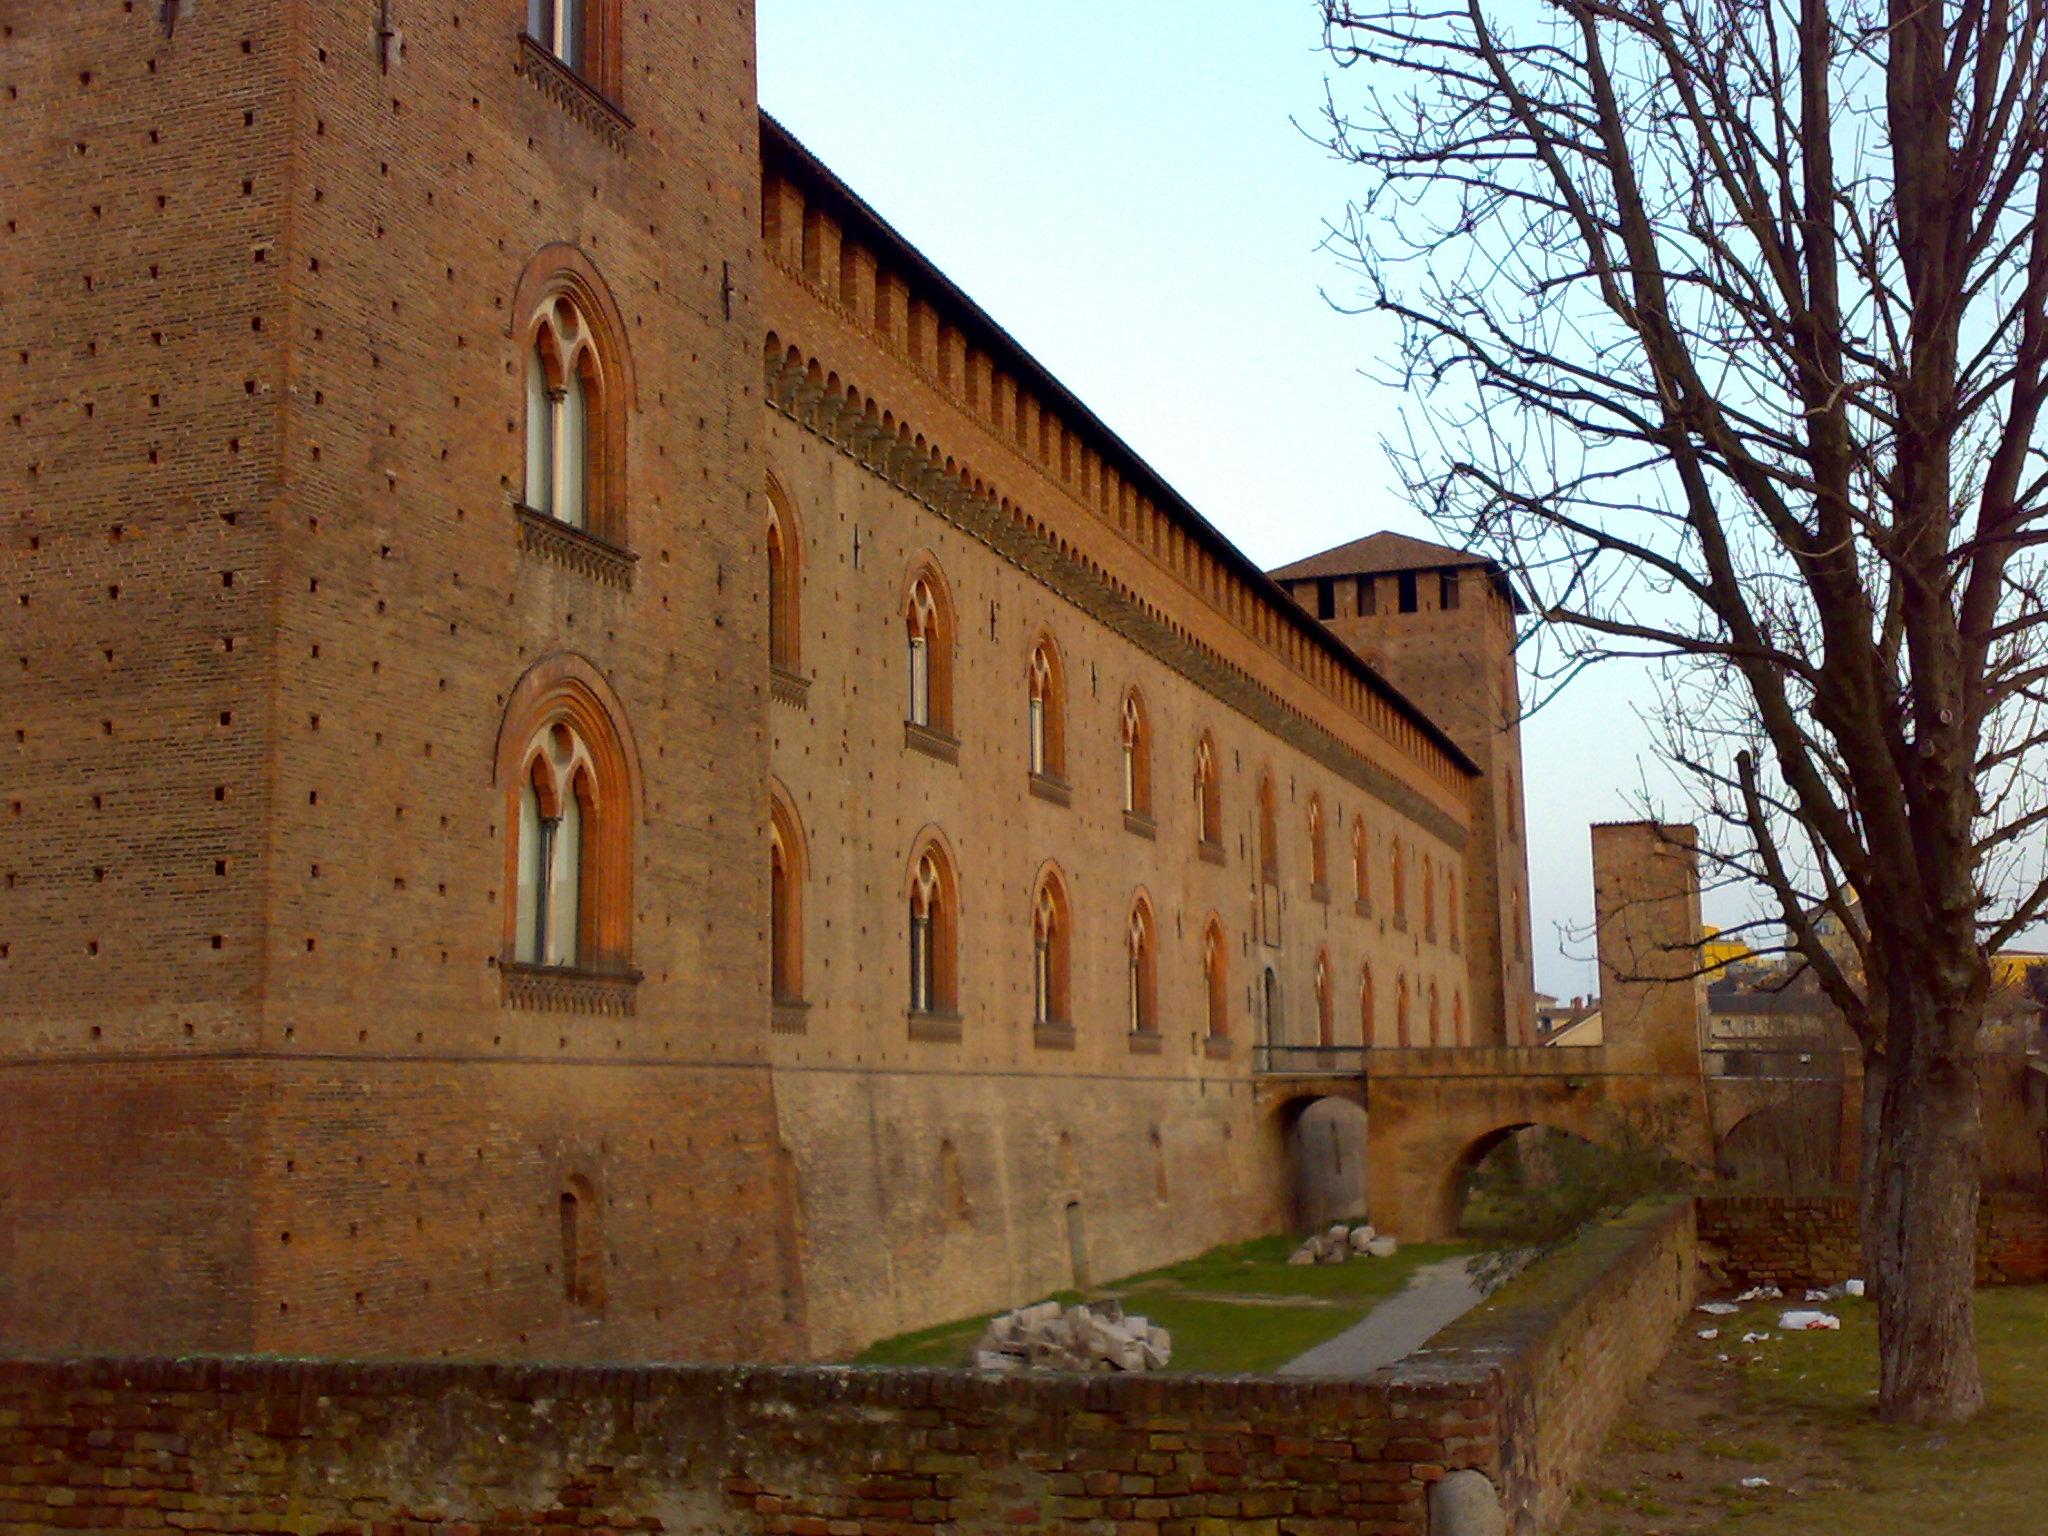 瑪律蒂內尼奧美術館